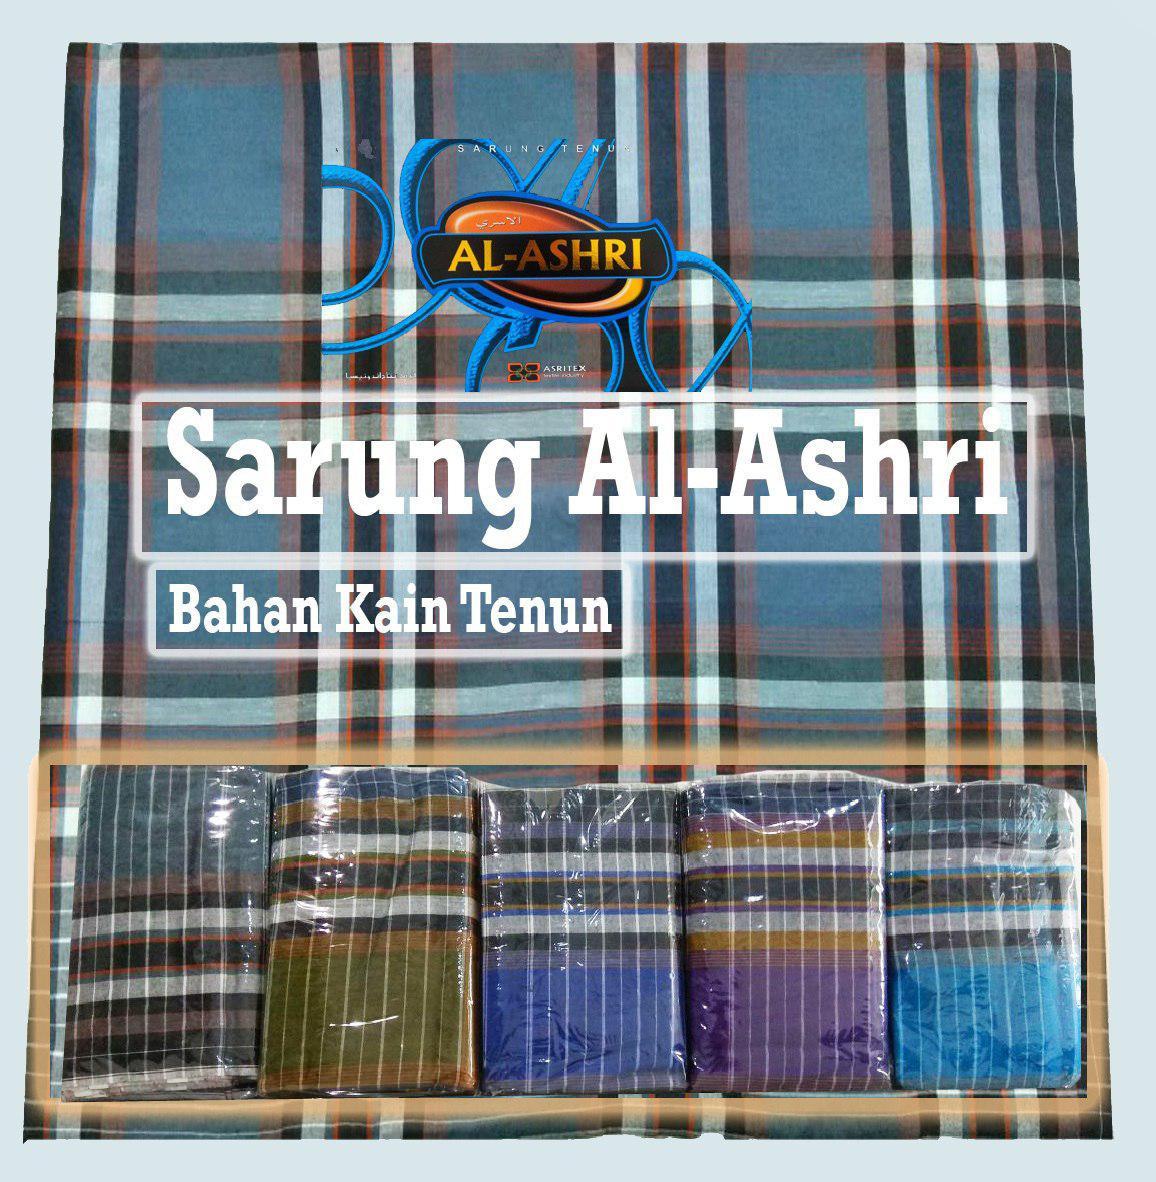 ObralanBaju.com Obral Baju Pakaian Murah Meriah 5000 Sarung Dewasa